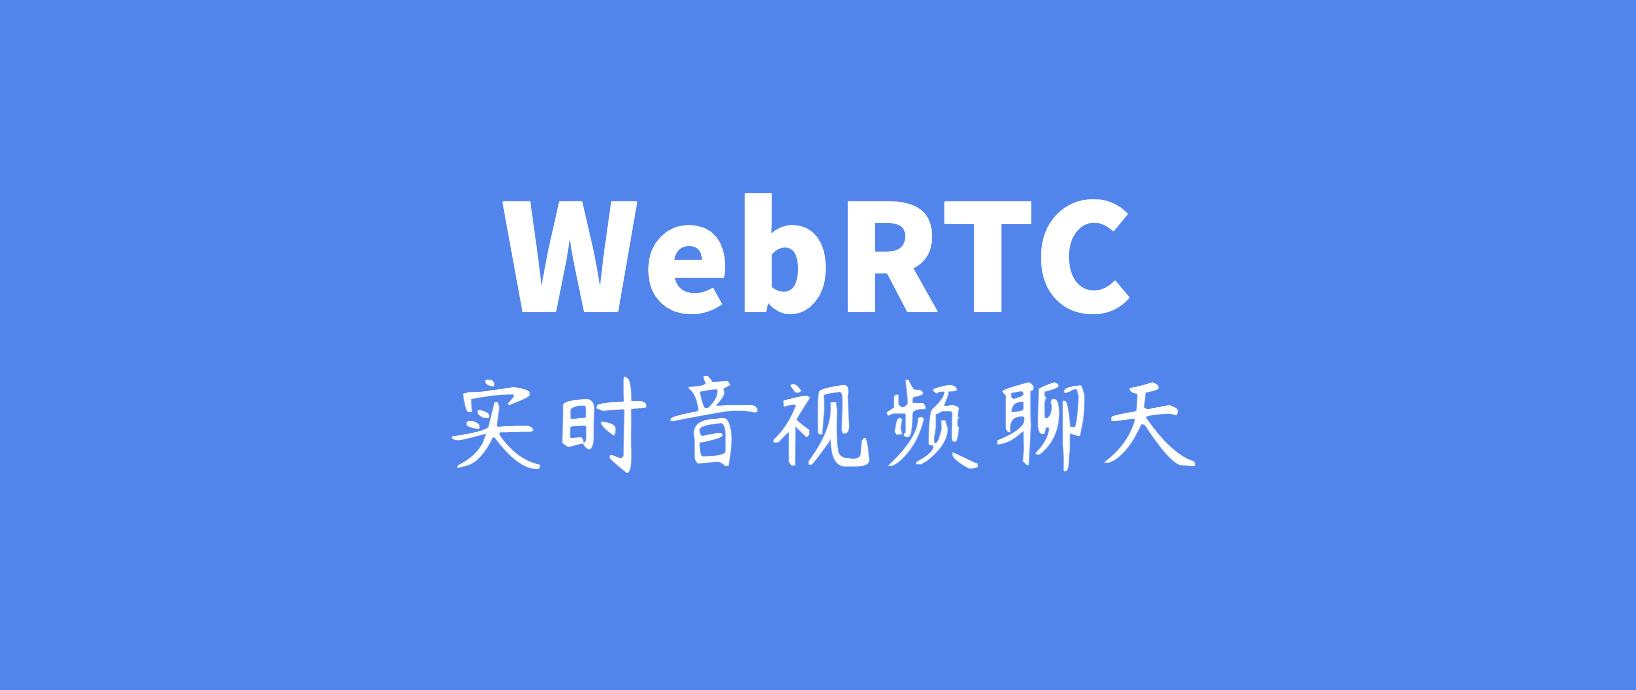 零基础入门:基于开源WebRTC,从0到1实现实时音视频聊天功能